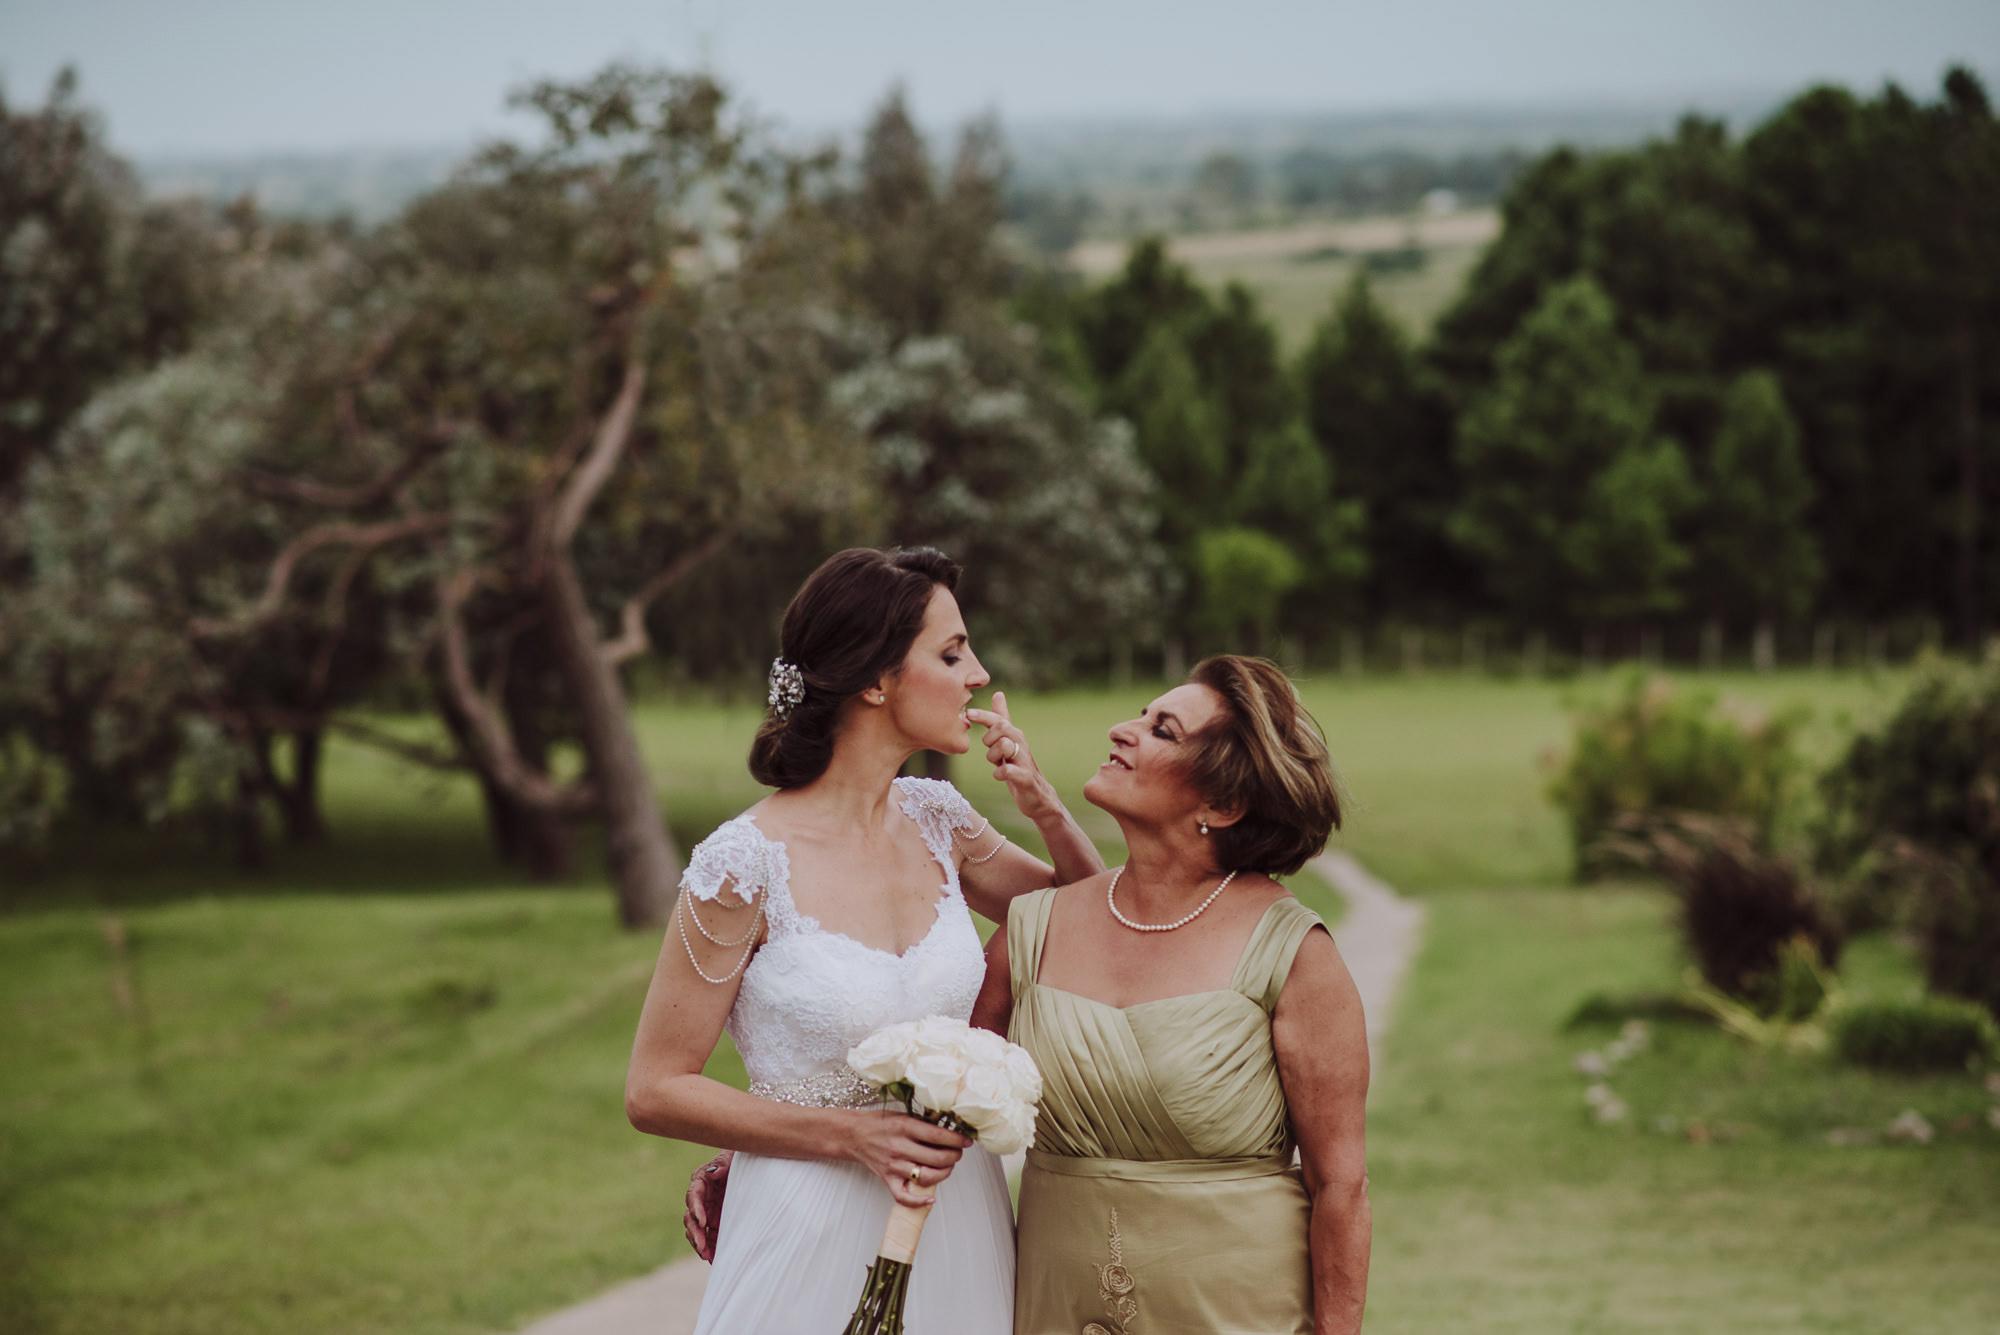 boda-vertientes-uruguay-punta-del-este-19